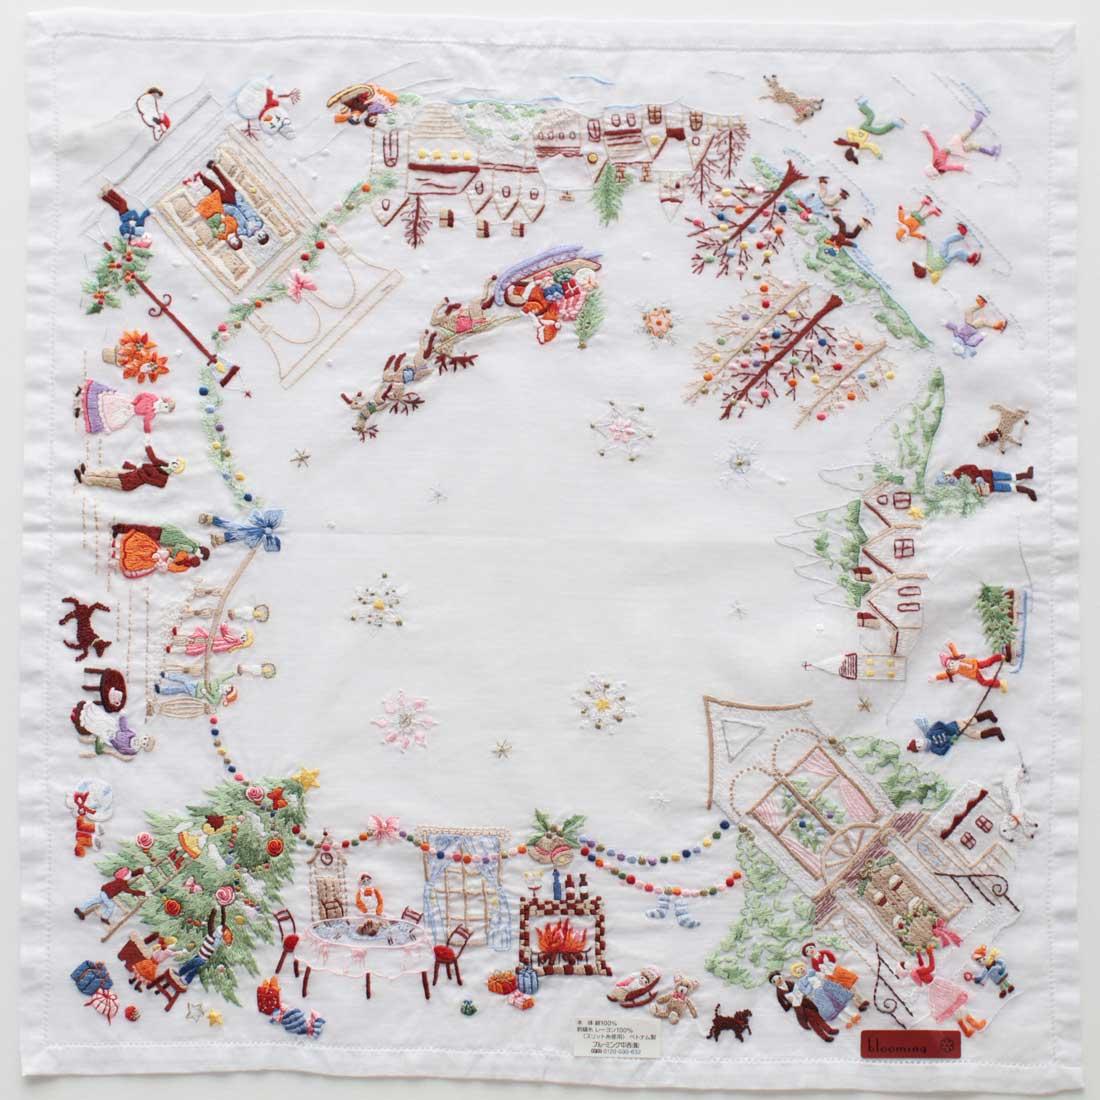 ポワンポワン ベトナム手刺繍 ハンカチ クリスマス 3701 ホワイト レディース 【送料無料】